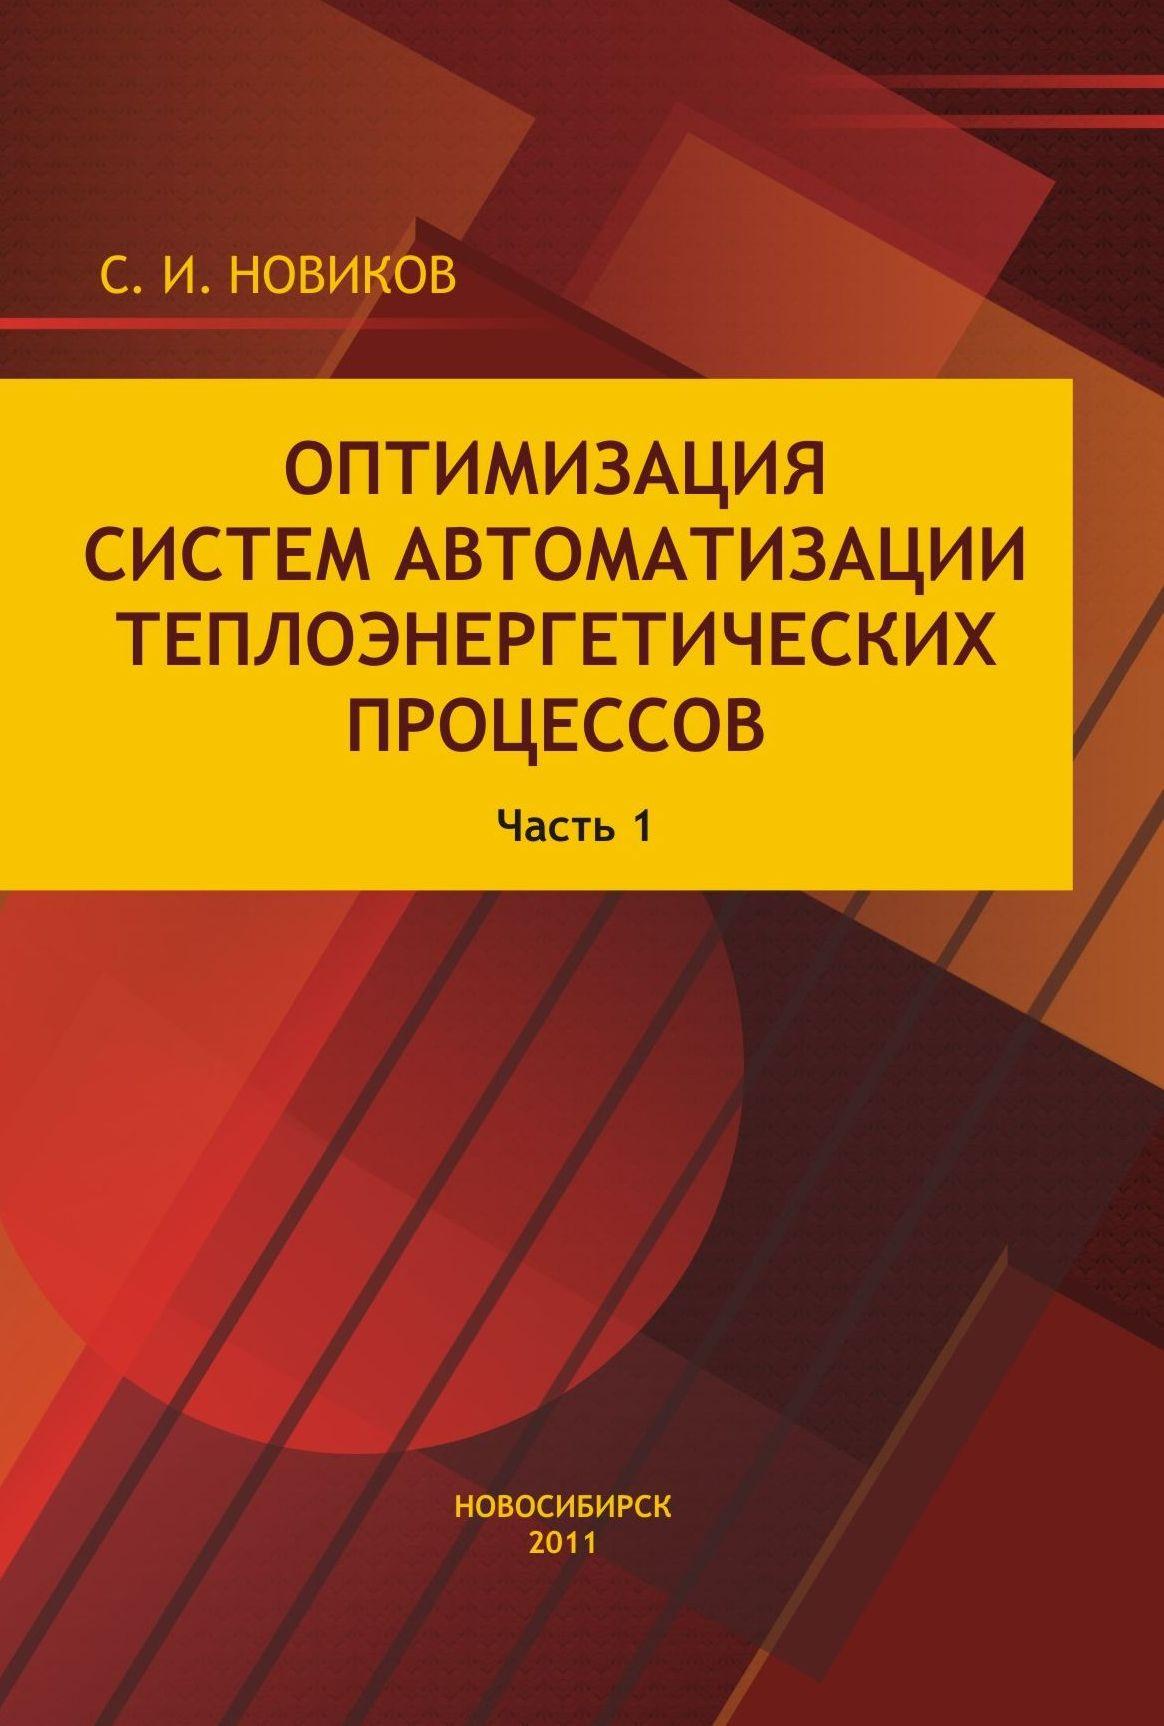 Станислав Новиков Оптимизация систем автоматизации теплоэнергетических процессов. Часть 1. Автоматические системы регулирования теплоэнергетических процессов с аналоговыми регуляторами автоматические системы коммутации